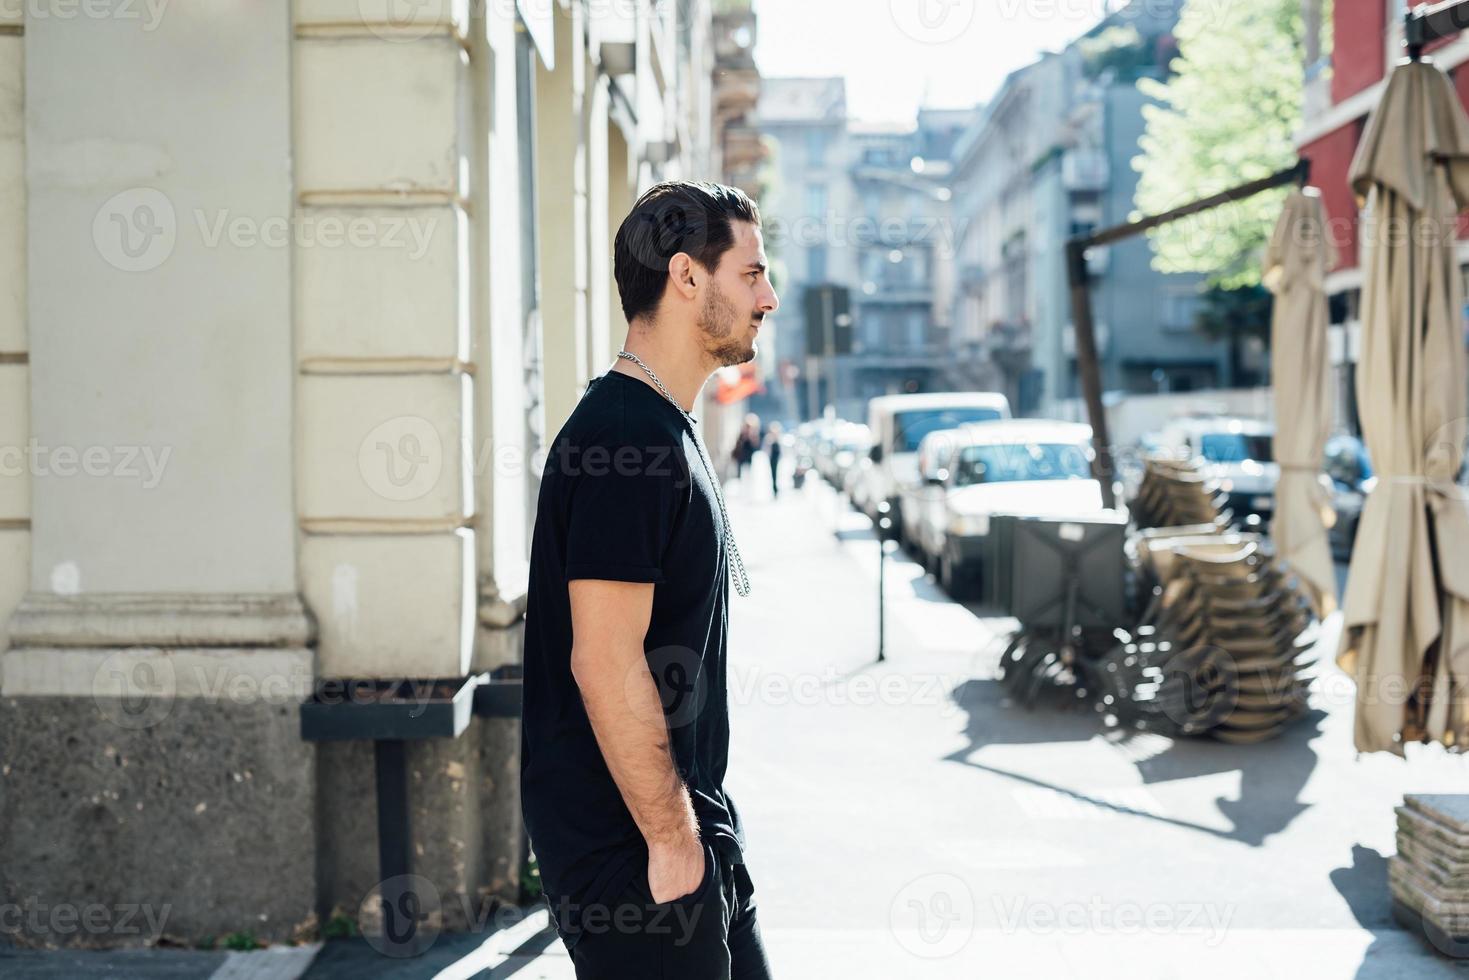 joven italiano caminando en la ciudad foto